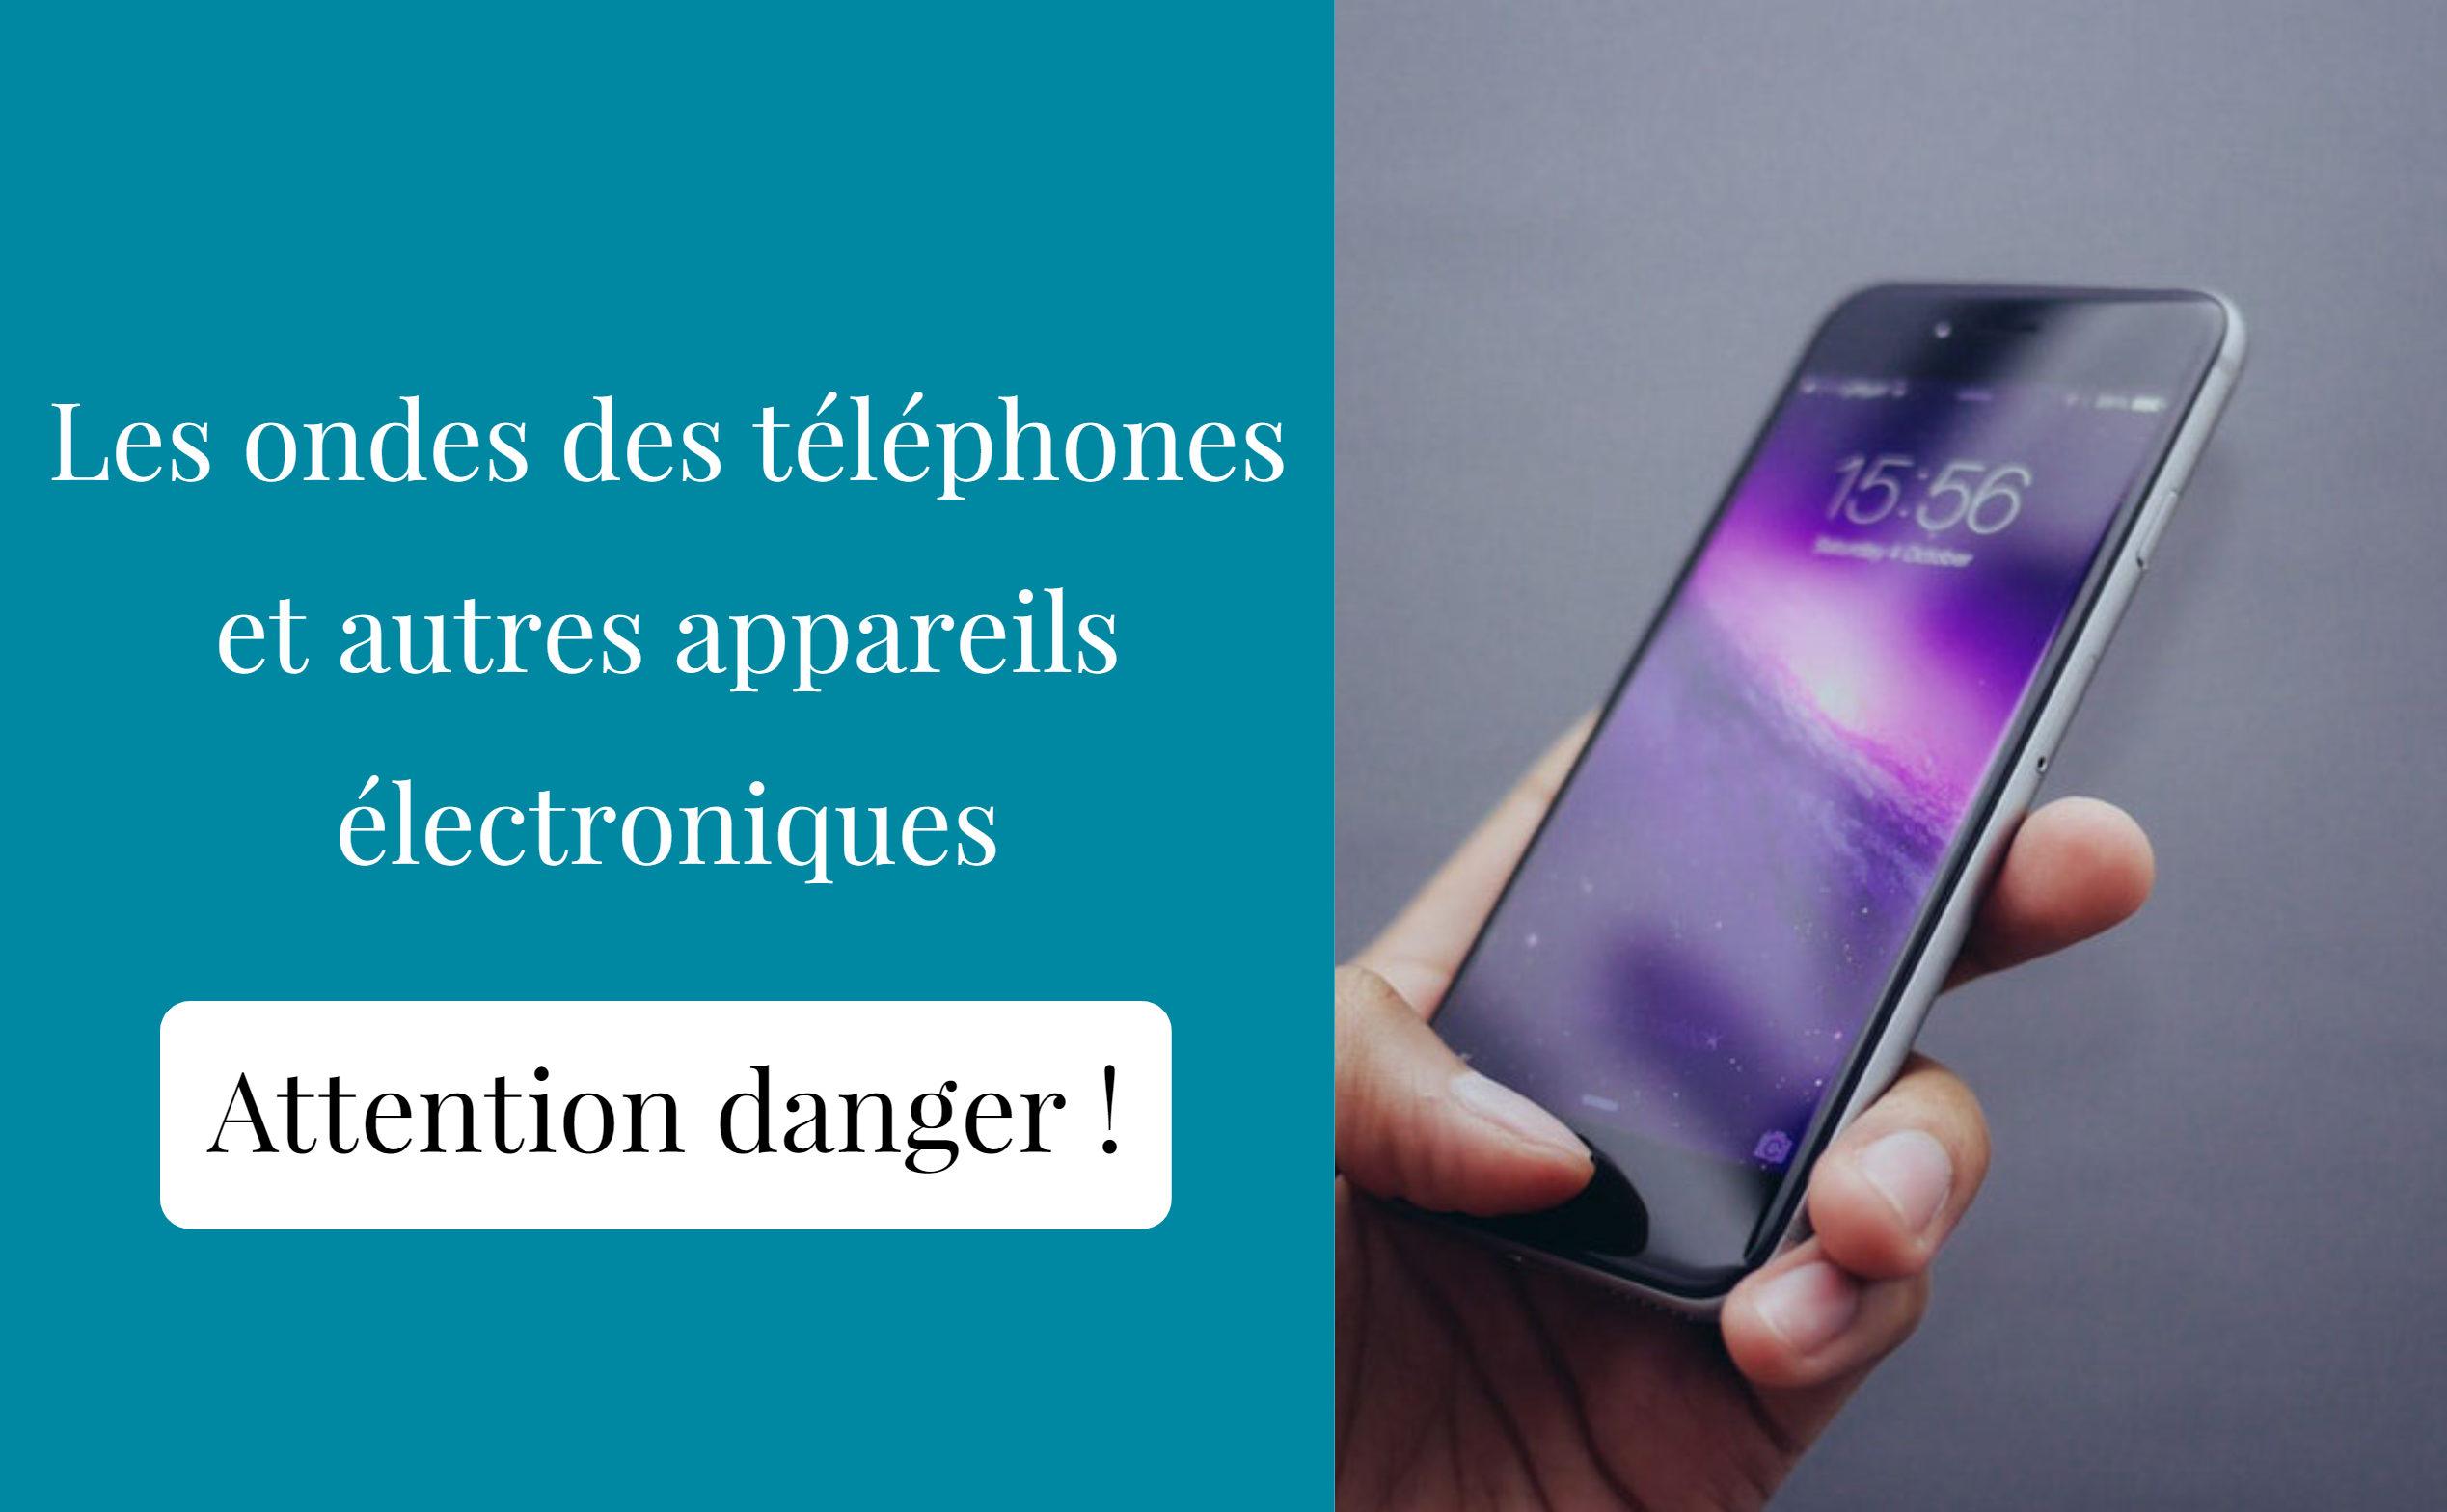 ondes téléphones danger